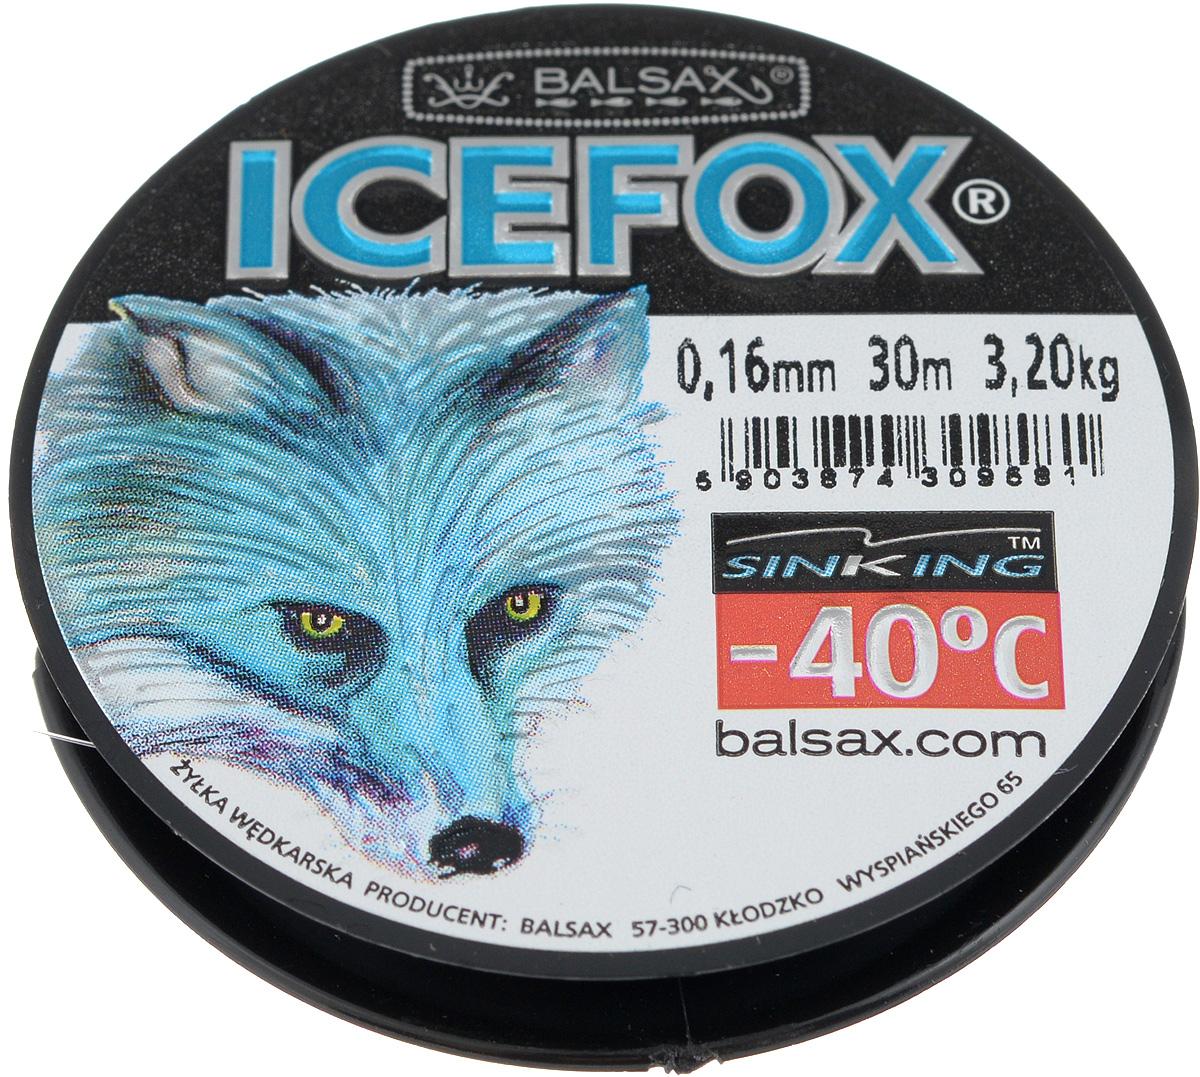 Леска зимняя Balsax Ice Fox, 30 м, 0,16 мм, 3,2 кг61168Леска Balsax Ice Fox изготовлена из 100% нейлона и очень хорошо выдерживает низкие температуры. Даже в самом холодном климате, при температуре вплоть до -40°C, она сохраняет свои свойства практически без изменений, в то время как традиционные лески становятся менее эластичными и теряют прочность.Поверхность лески обработана таким образом, что она не обмерзает и отлично подходит для подледного лова. Прочна в местах вязки узлов даже при минимальном диаметре.